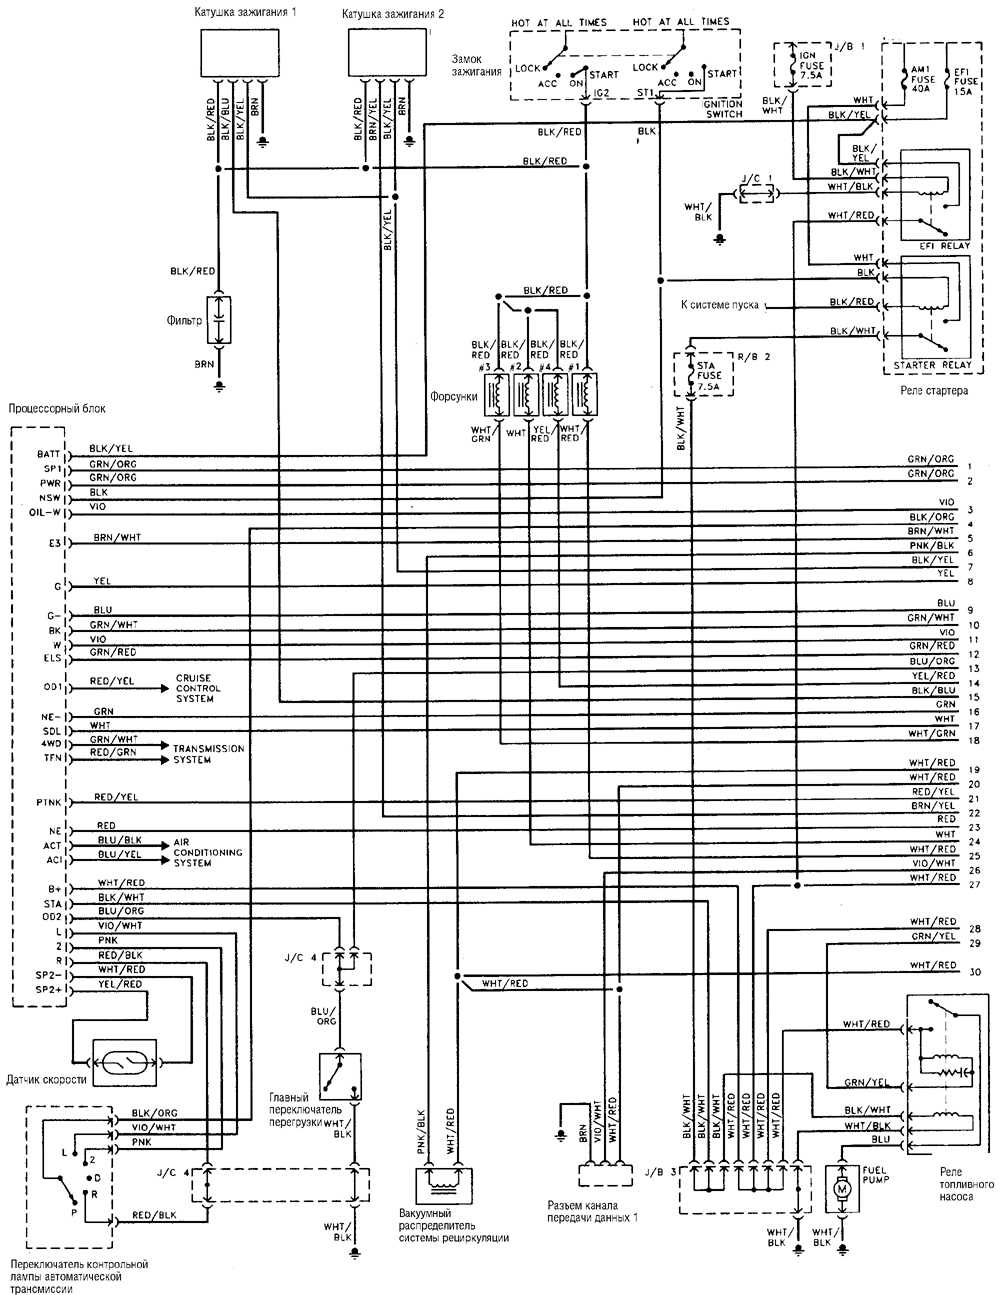 Типовая схема электрооборудования 4-цилиндрового двигателя Toyota Land Cruiser.